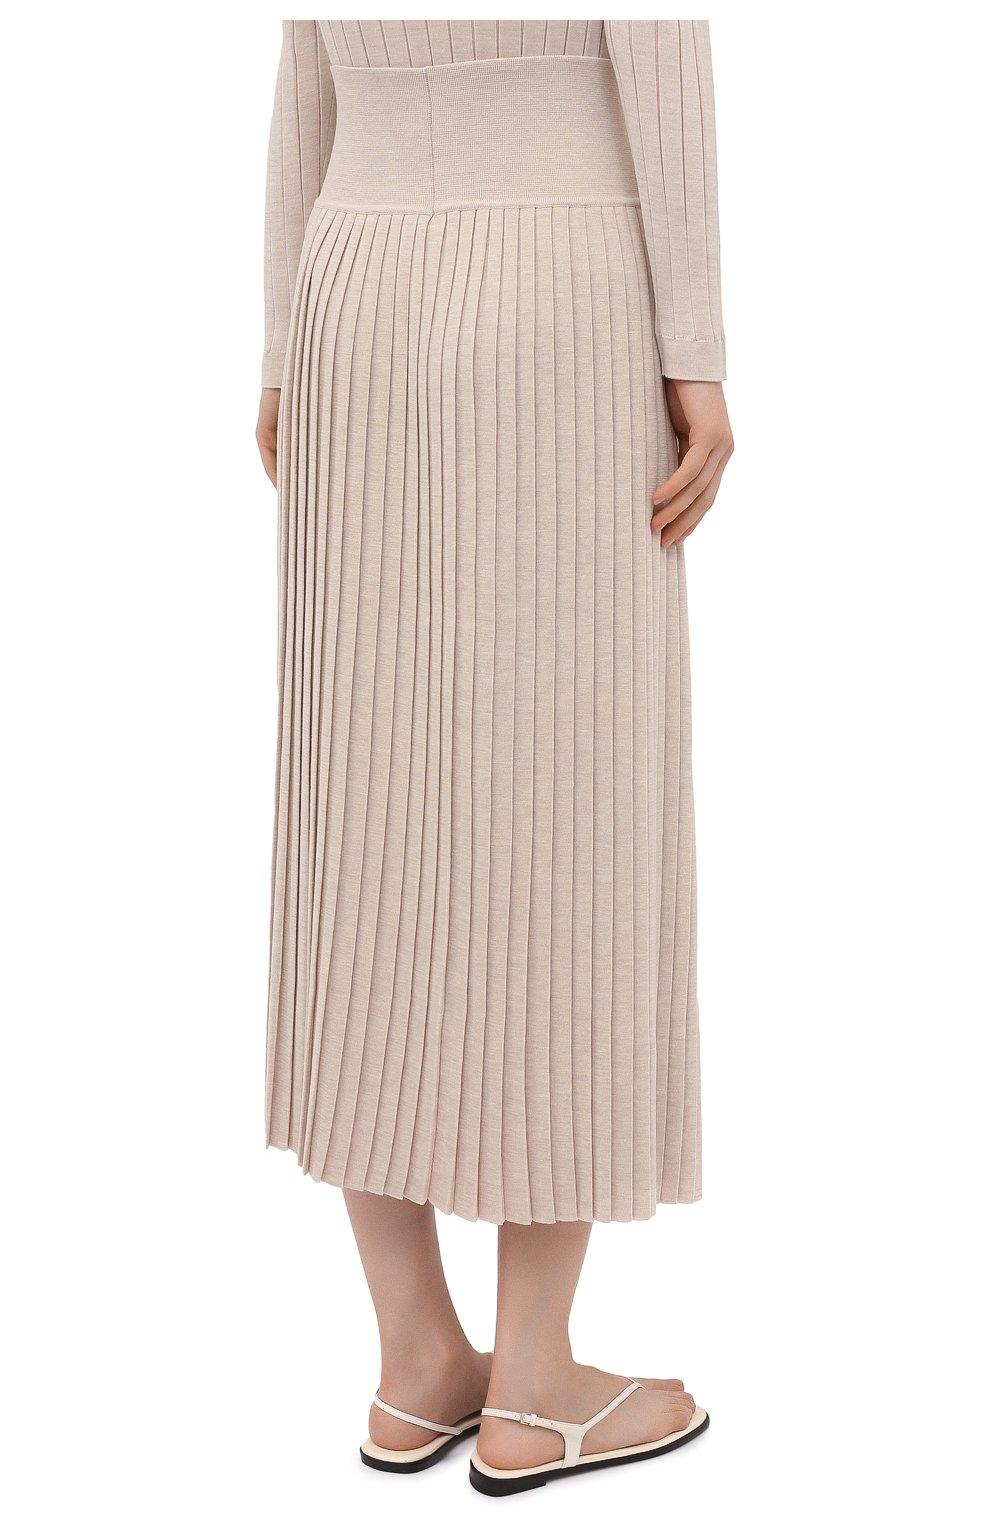 Женская юбка из шерсти и шелка THE ROW бежевого цвета, арт. 5678Y476 | Фото 4 (Материал внешний: Шерсть, Шелк; Женское Кросс-КТ: юбка-плиссе, Юбка-одежда; Кросс-КТ: Трикотаж; Длина Ж (юбки, платья, шорты): Макси; Стили: Кэжуэл)